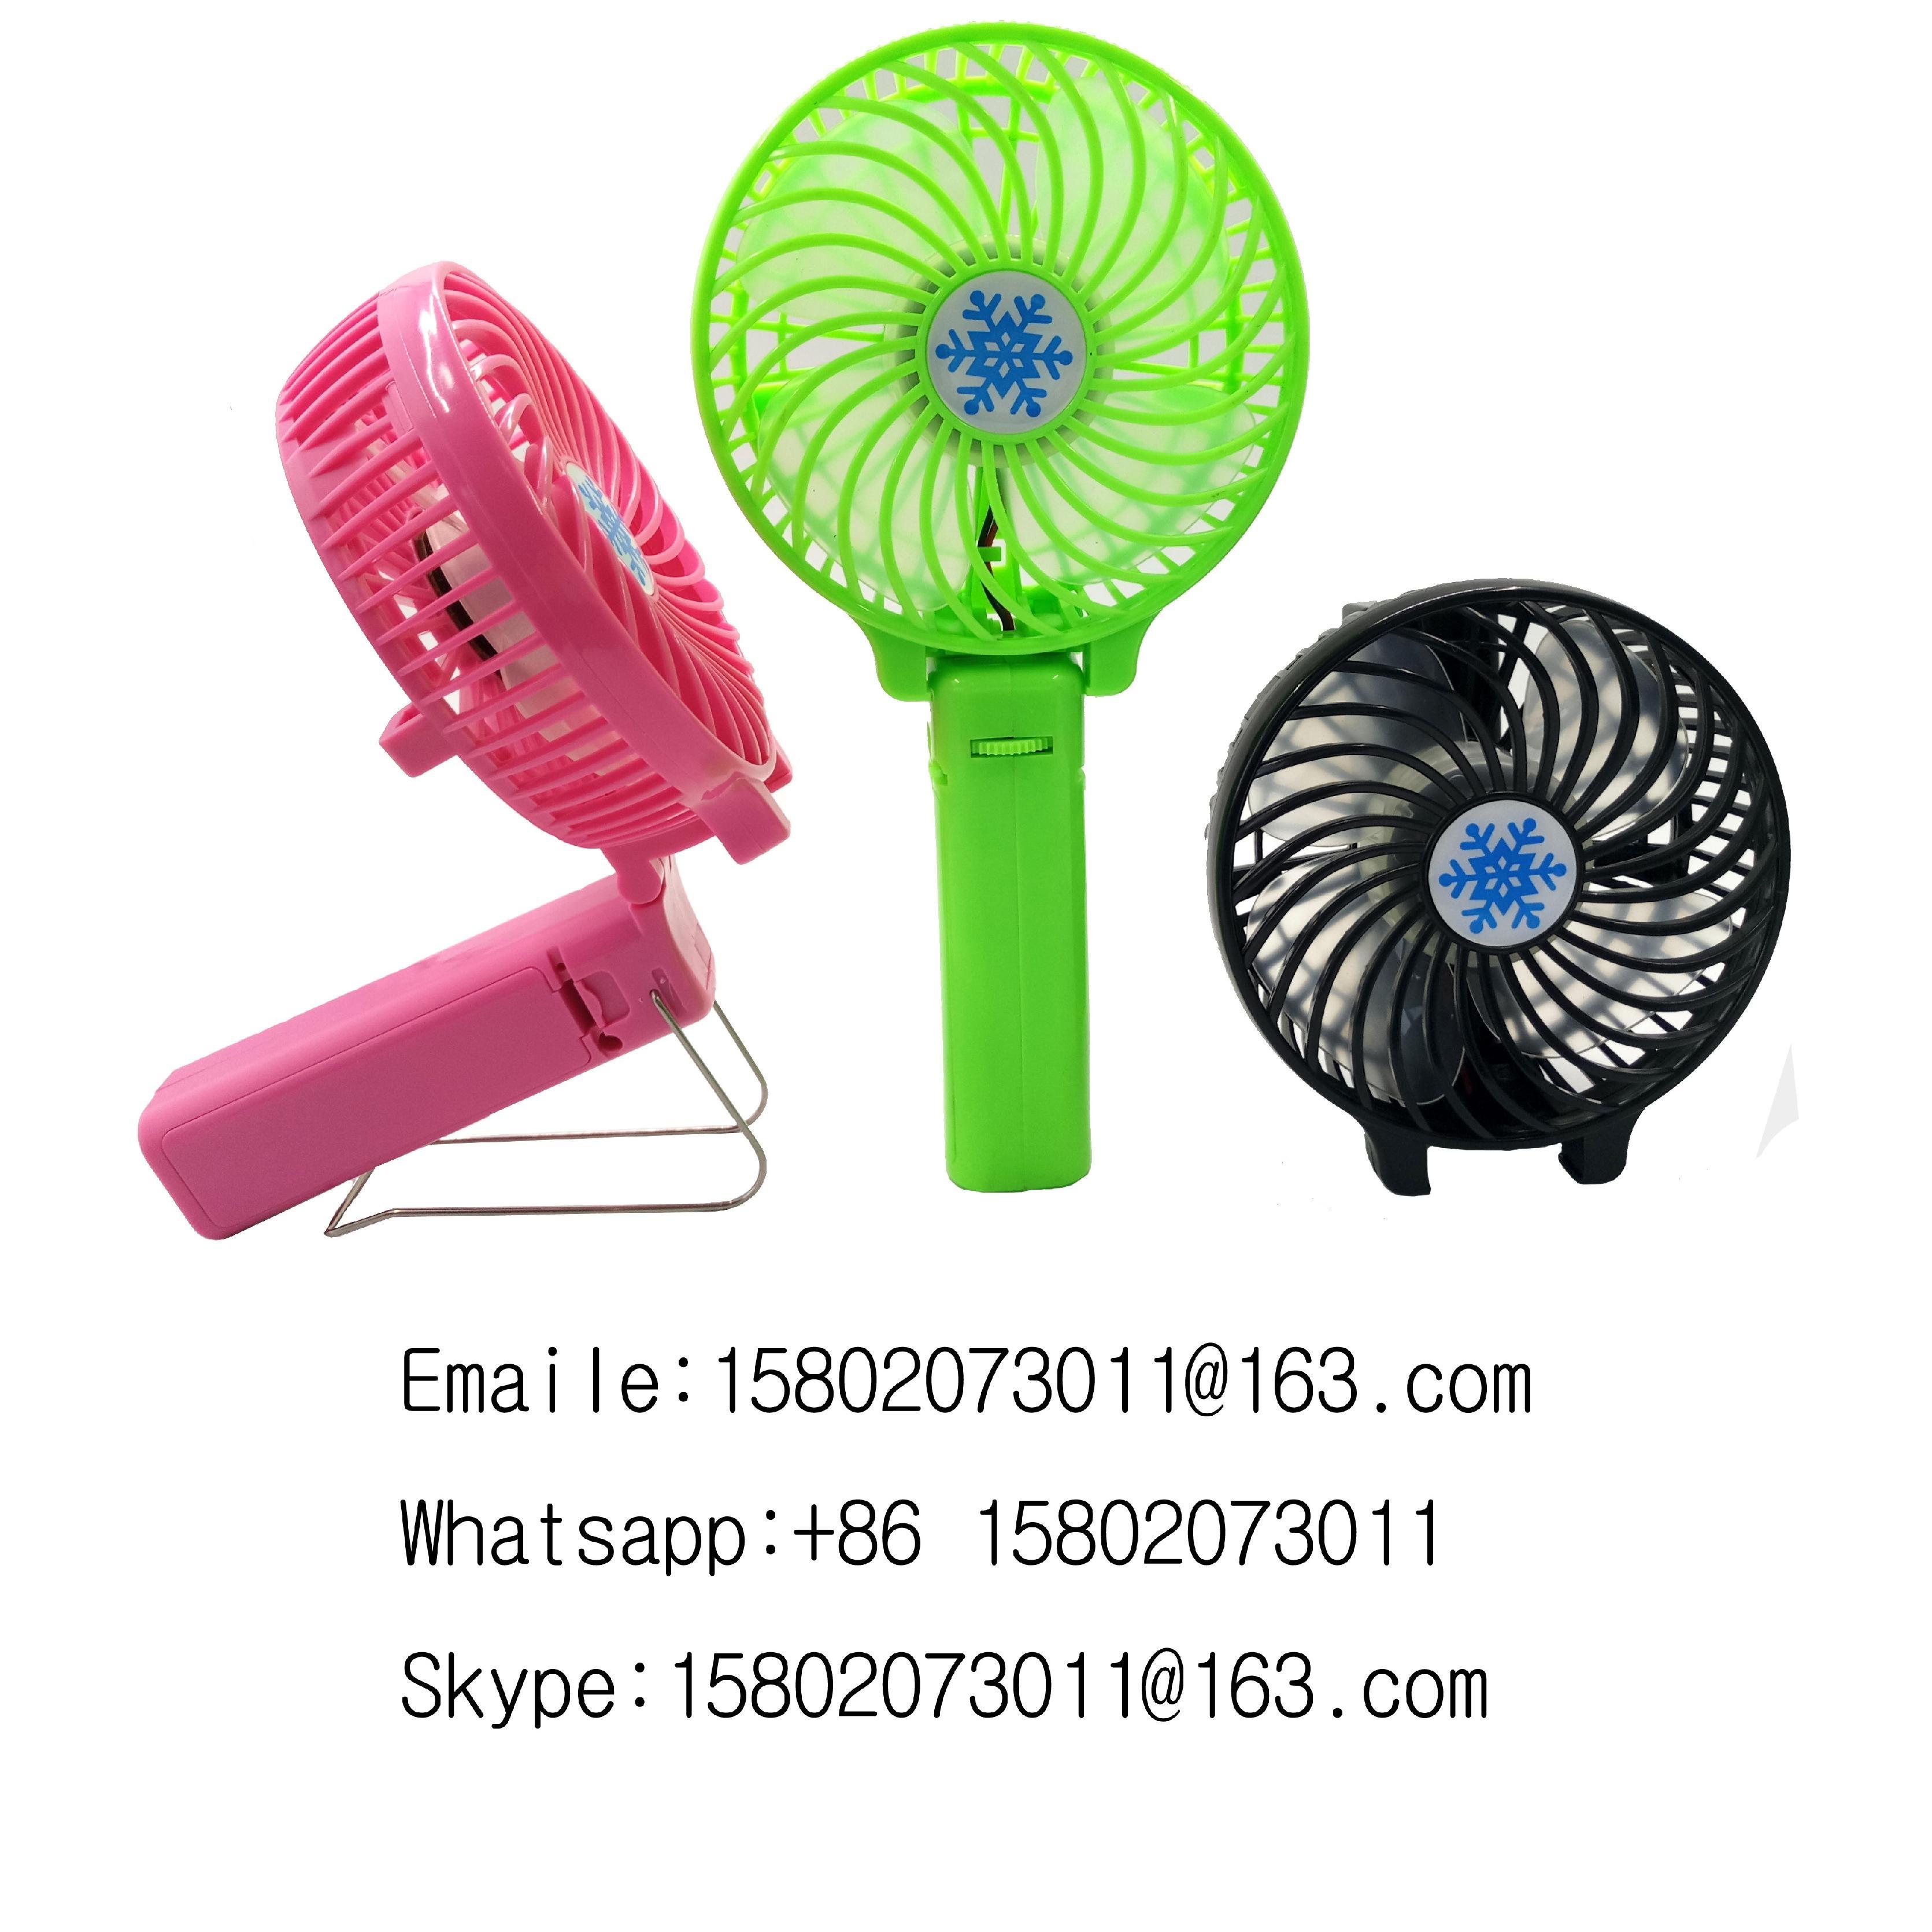 2017 New Design Rechargeable Fan, Hand Fan, Portable Mini Fan